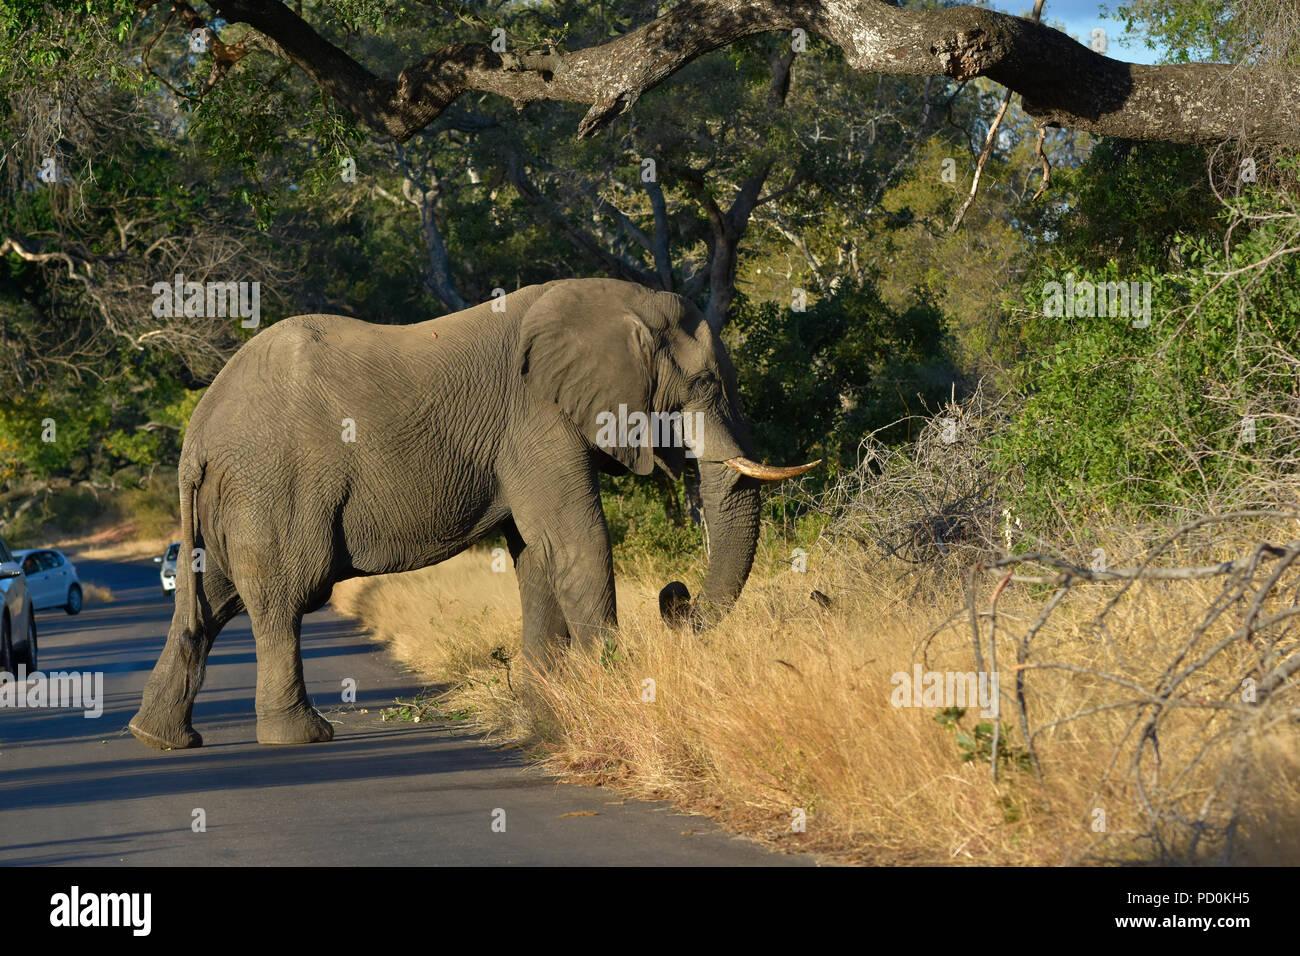 Sudáfrica, un fantástico destino turístico para disfrutar de tercer y primer mundo juntos. Bloquear la carretera toro de elefantes en el Parque Nacional Kruger. Imagen De Stock